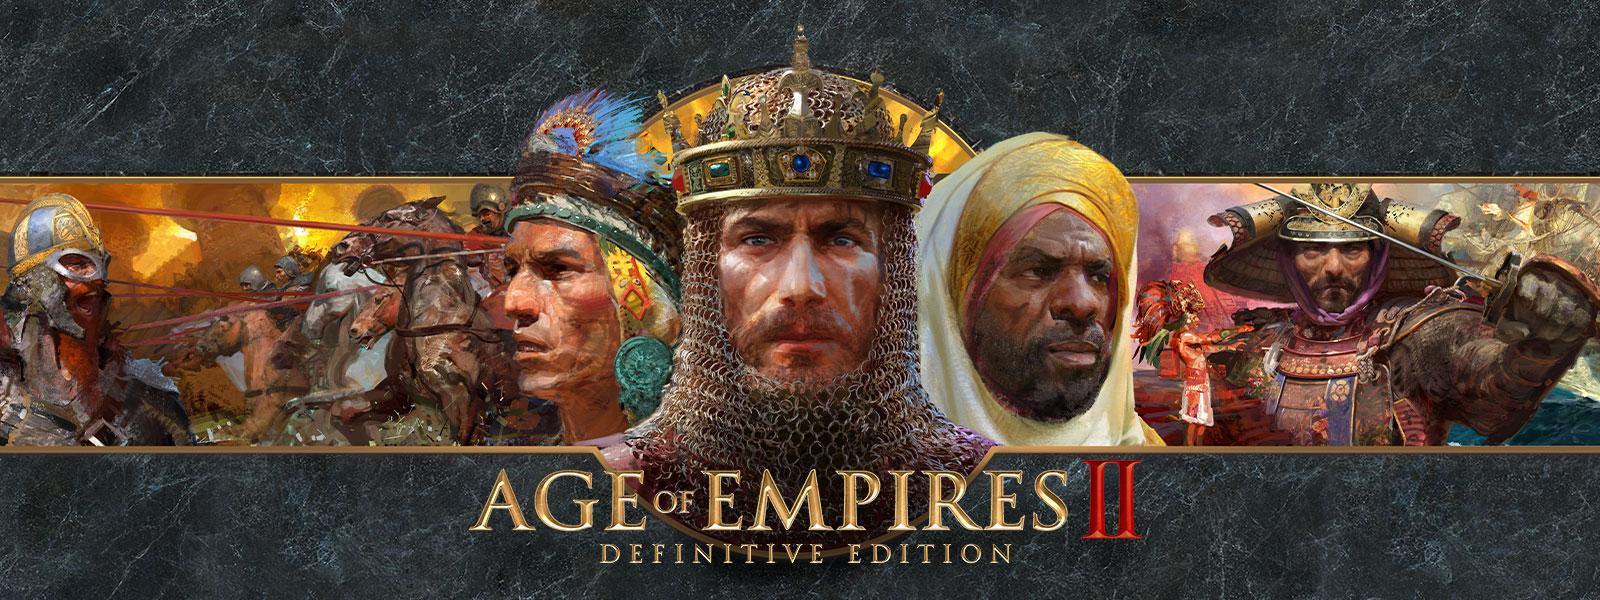 Age of Empires II: Definitive Edition – logo z tłem z szarego łupku przedstawiające dowódców wojennych i ich armie